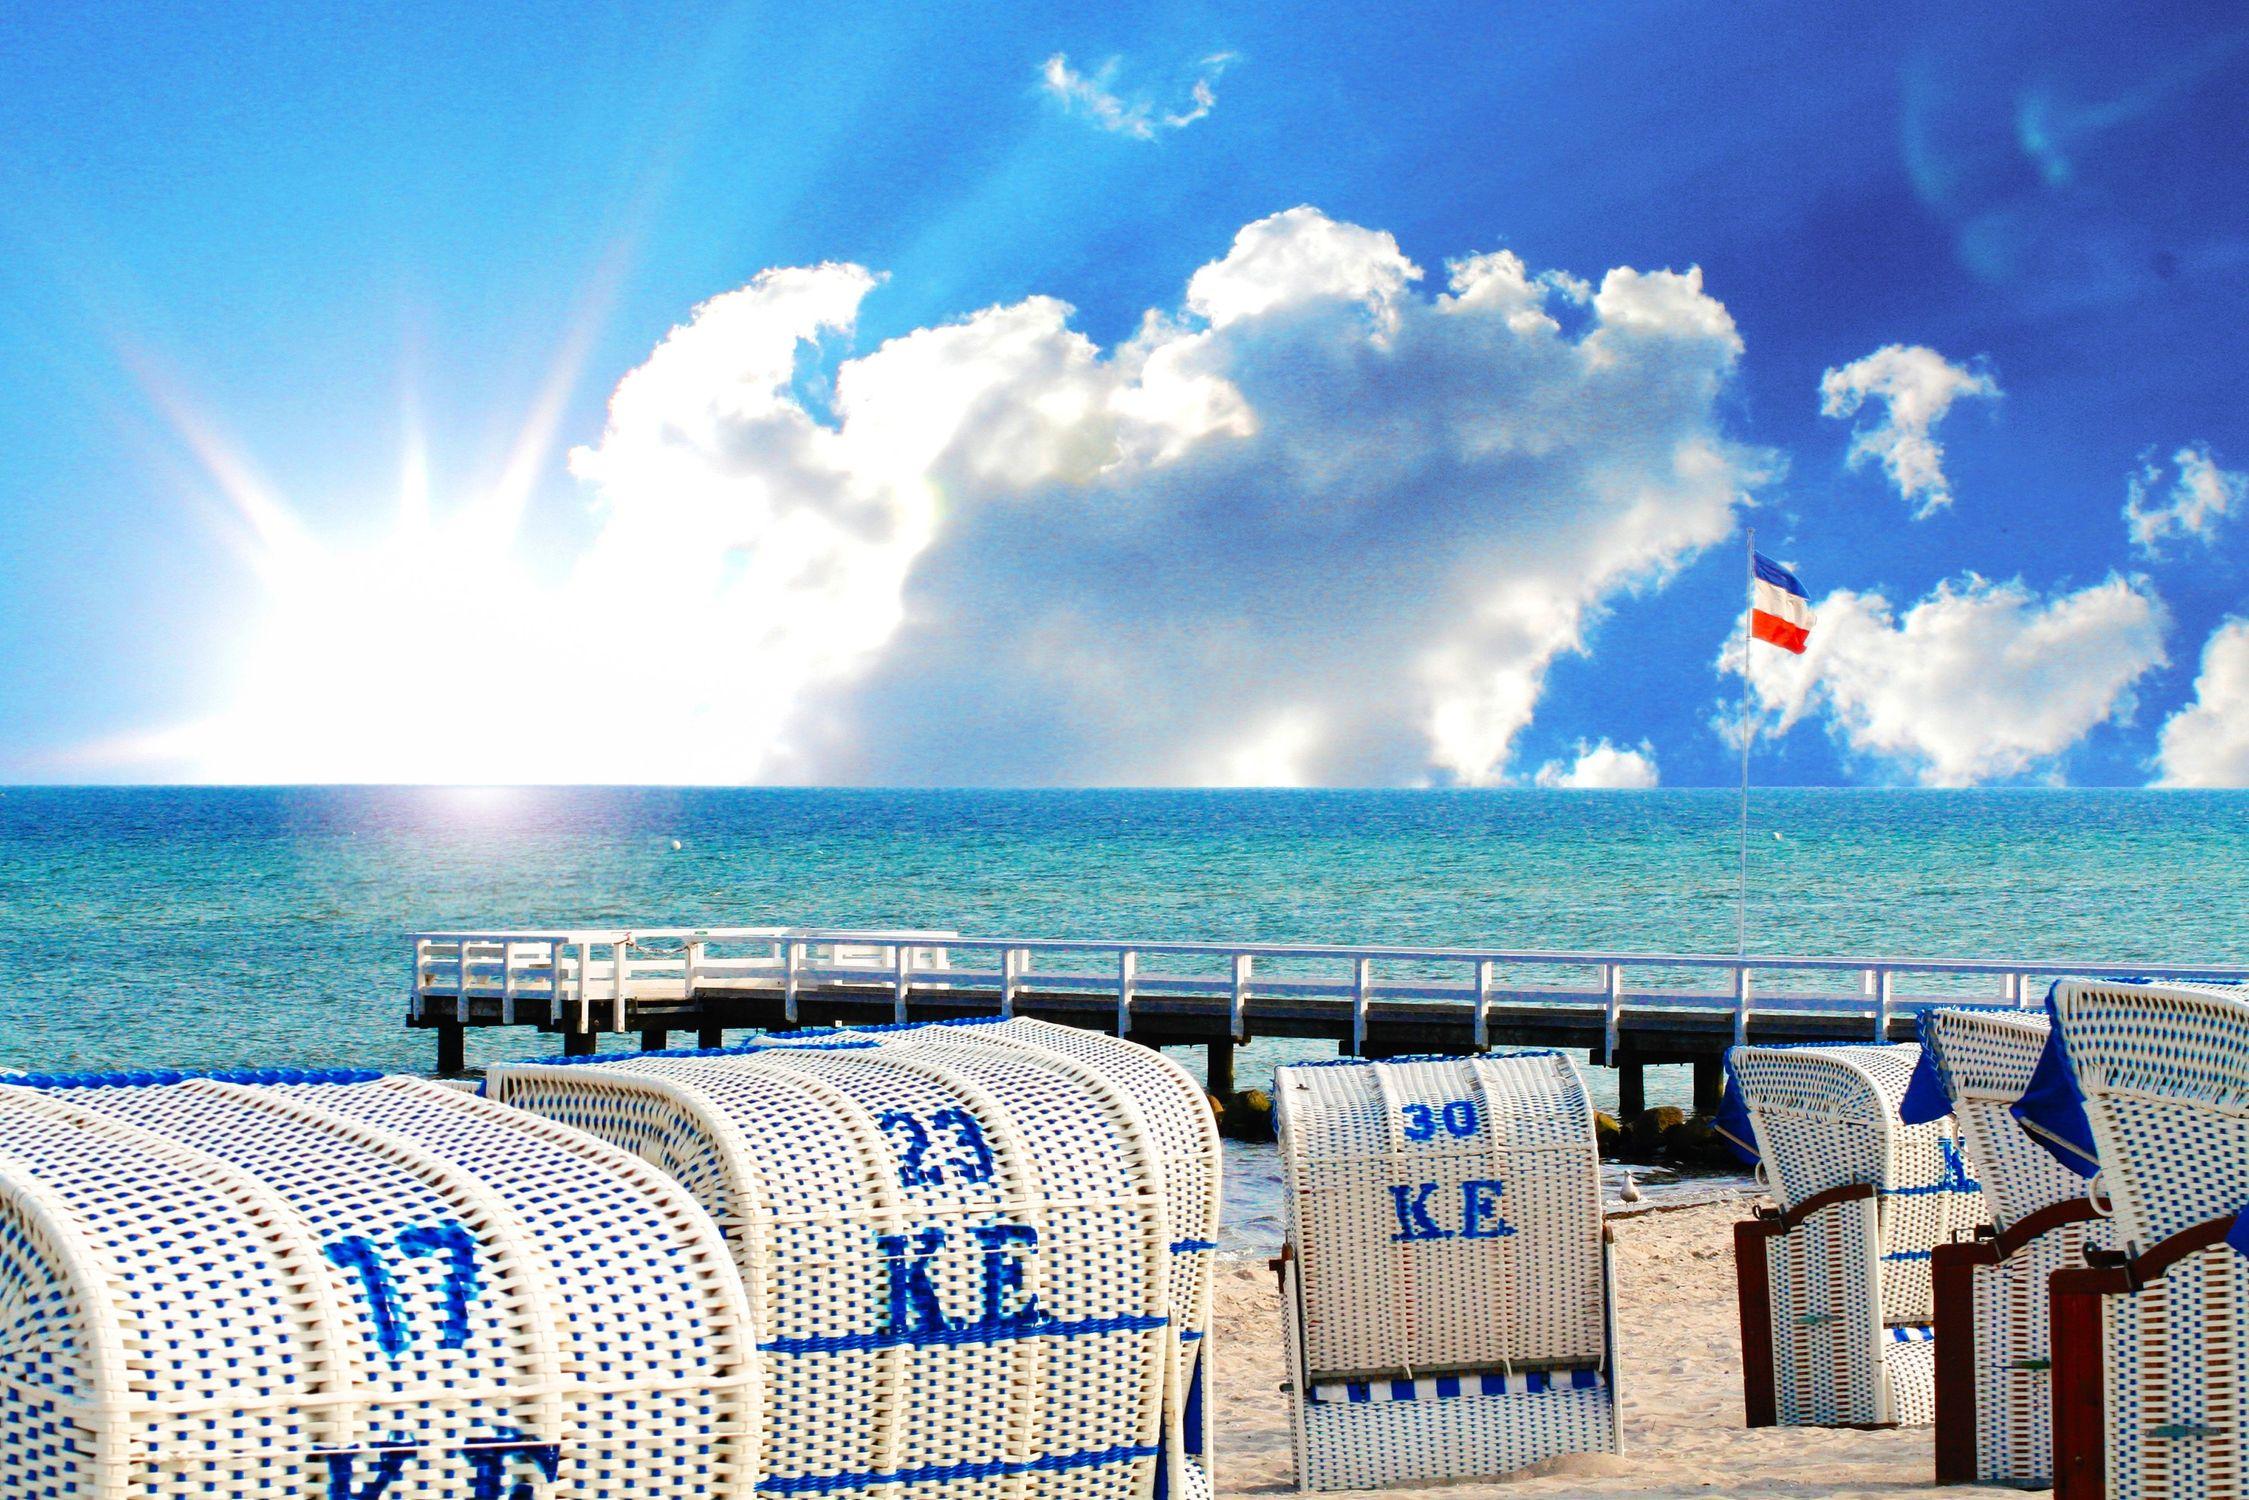 Bild mit Natur, Wasser, Landschaften, Himmel, Jahreszeiten, Wolken, Gewässer, Meere, Horizont, Aktivitäten, Urlaub, Sommer